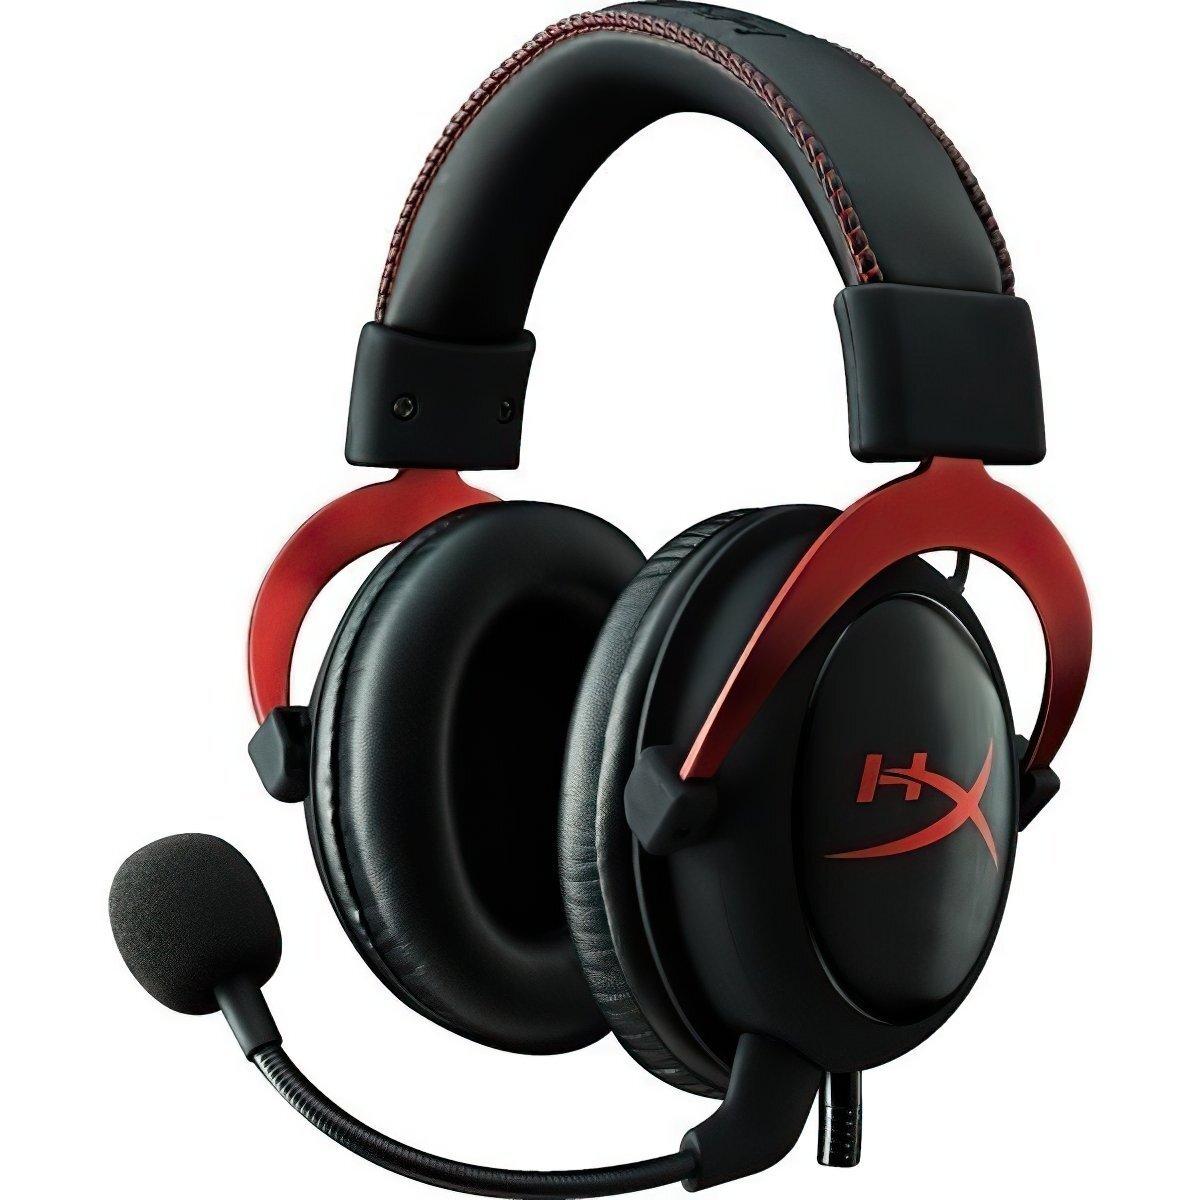 Игровая гарнитура HyperX Cloud II Red (KHX-HSCP-RD) фото